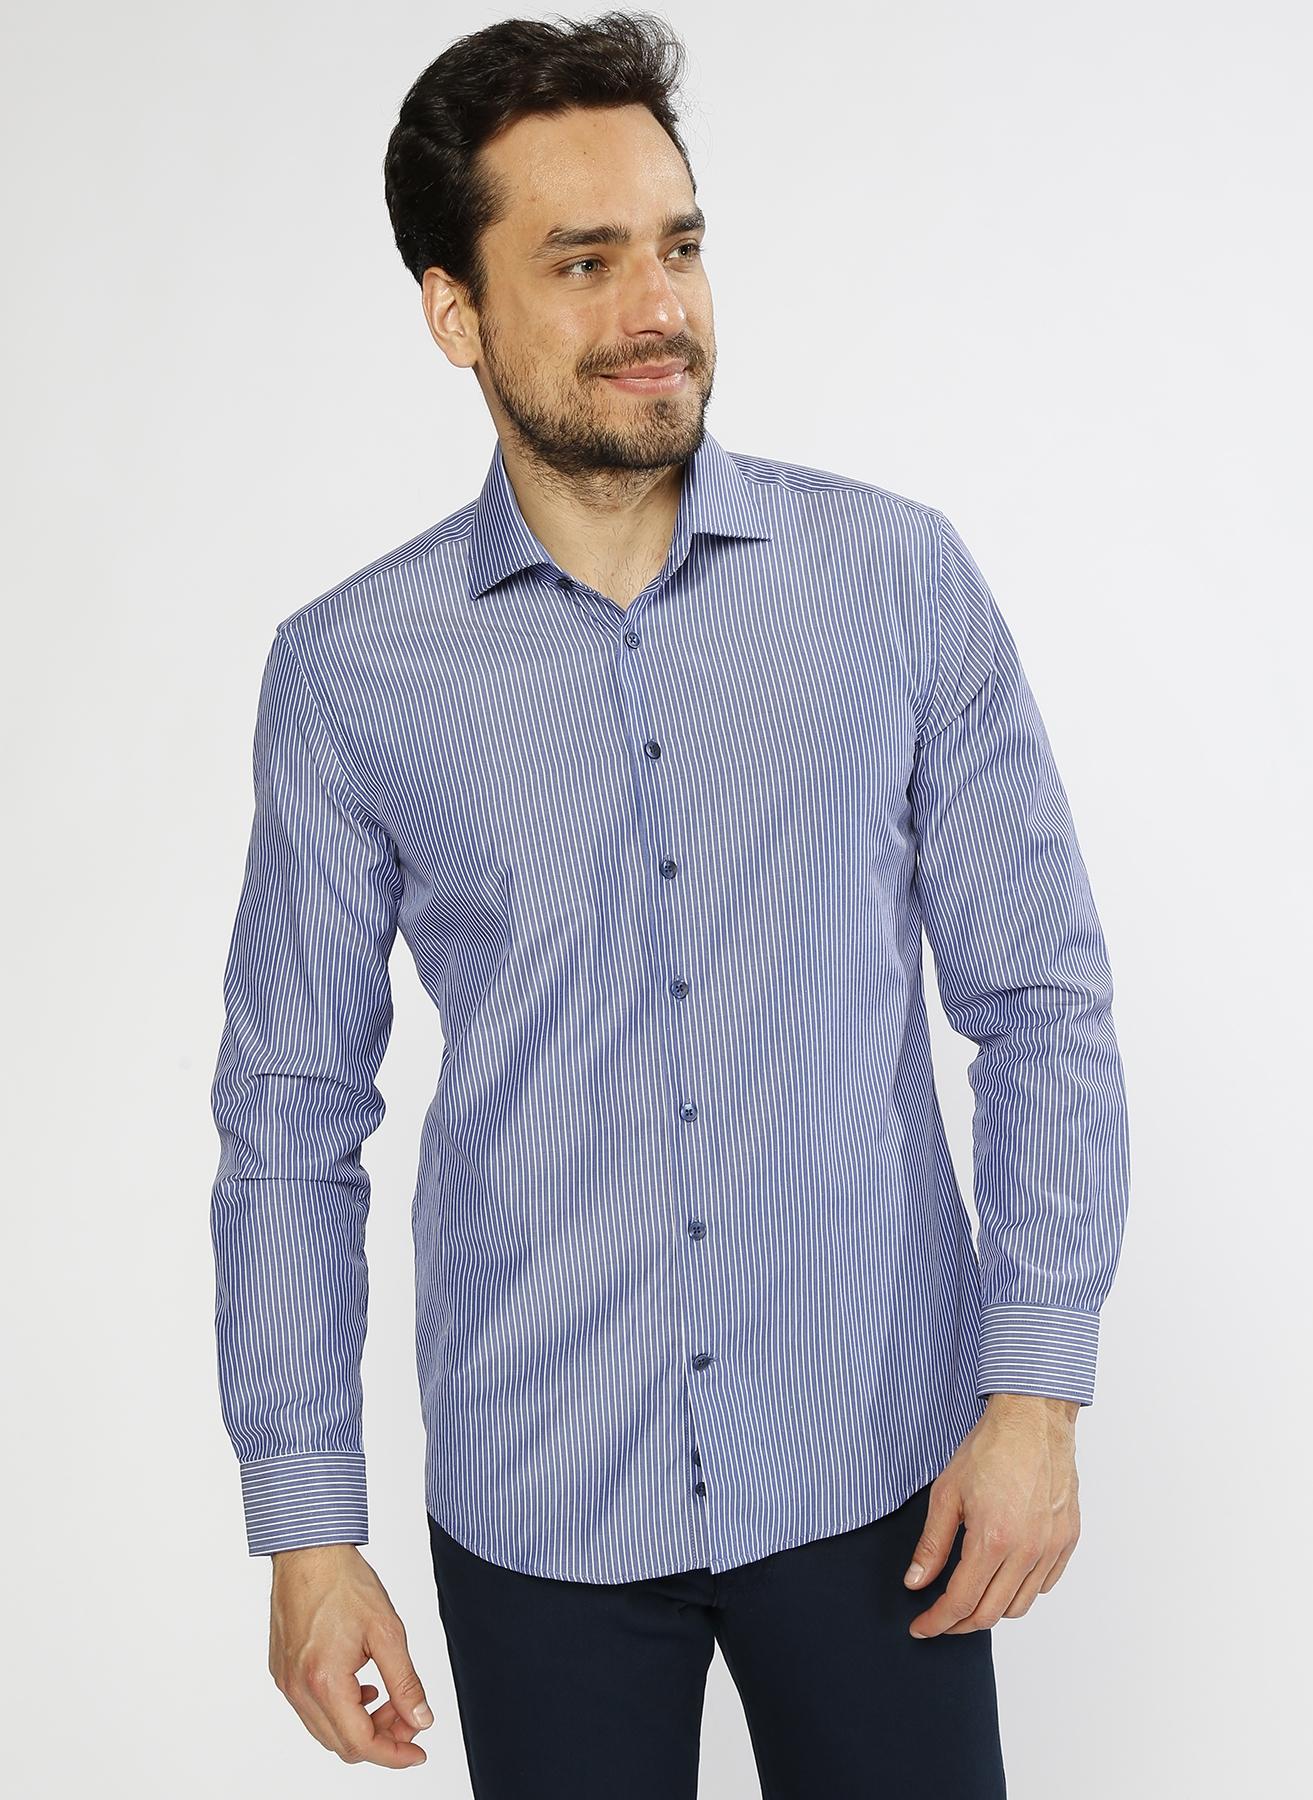 George Hogg Çizgili Mavi - Beyaz Gömlek 39 5000220520001 Ürün Resmi